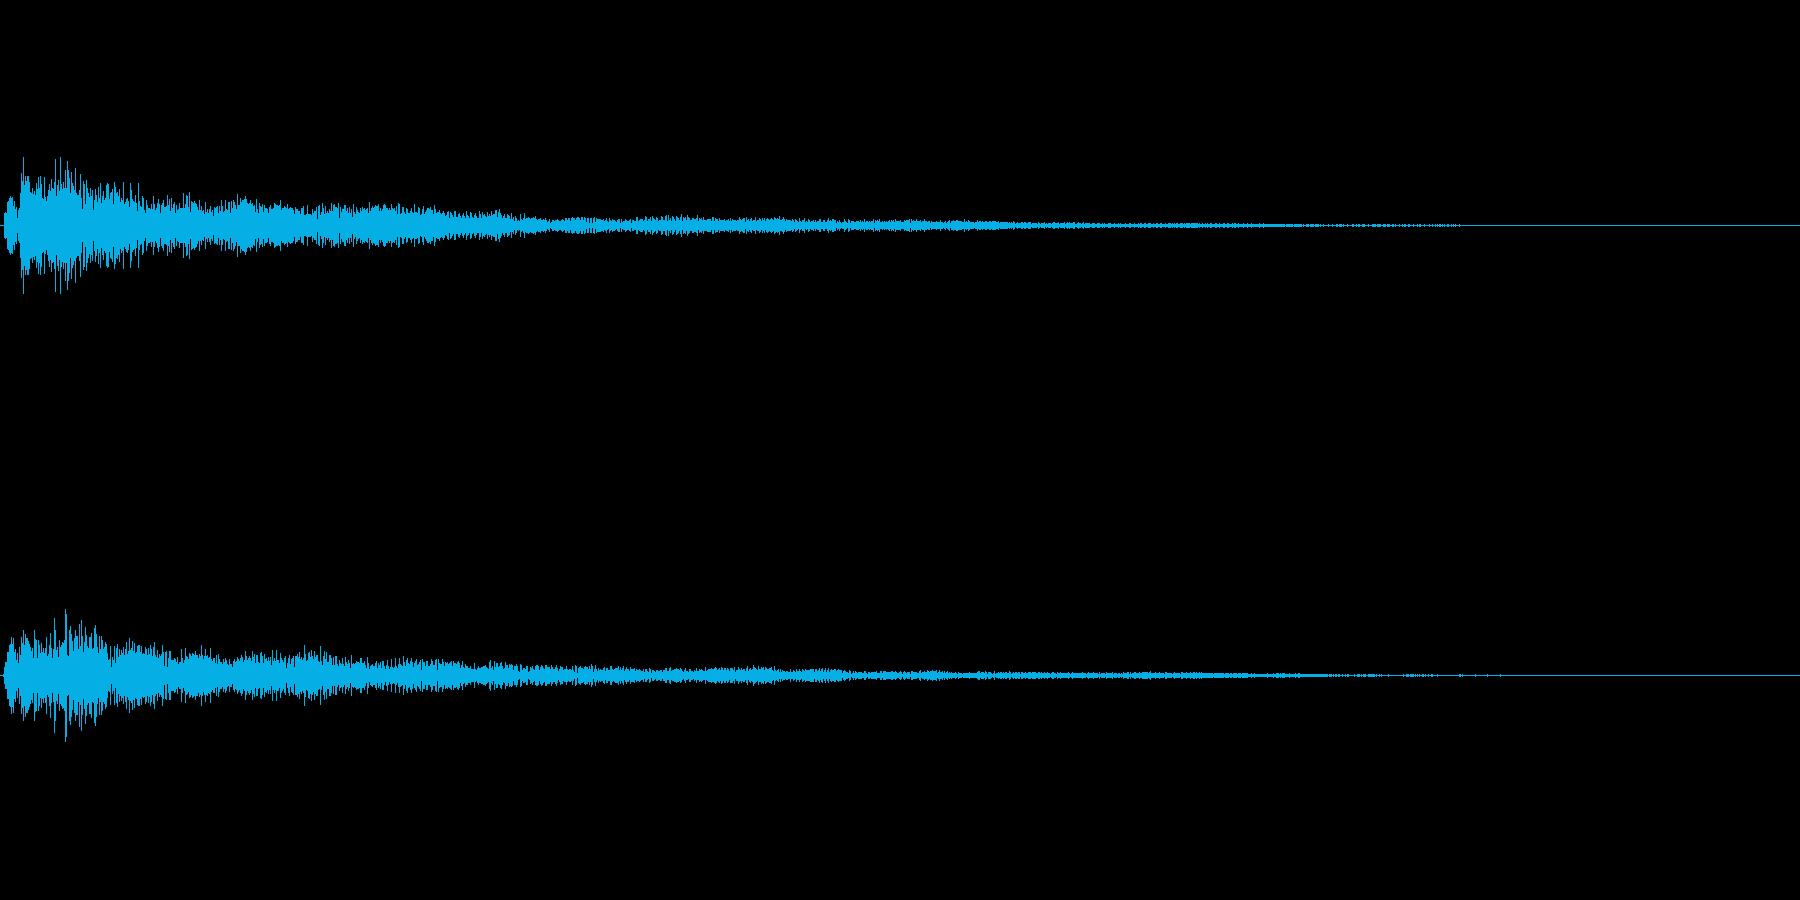 ファンタジー かわいい効果音 決定系10の再生済みの波形